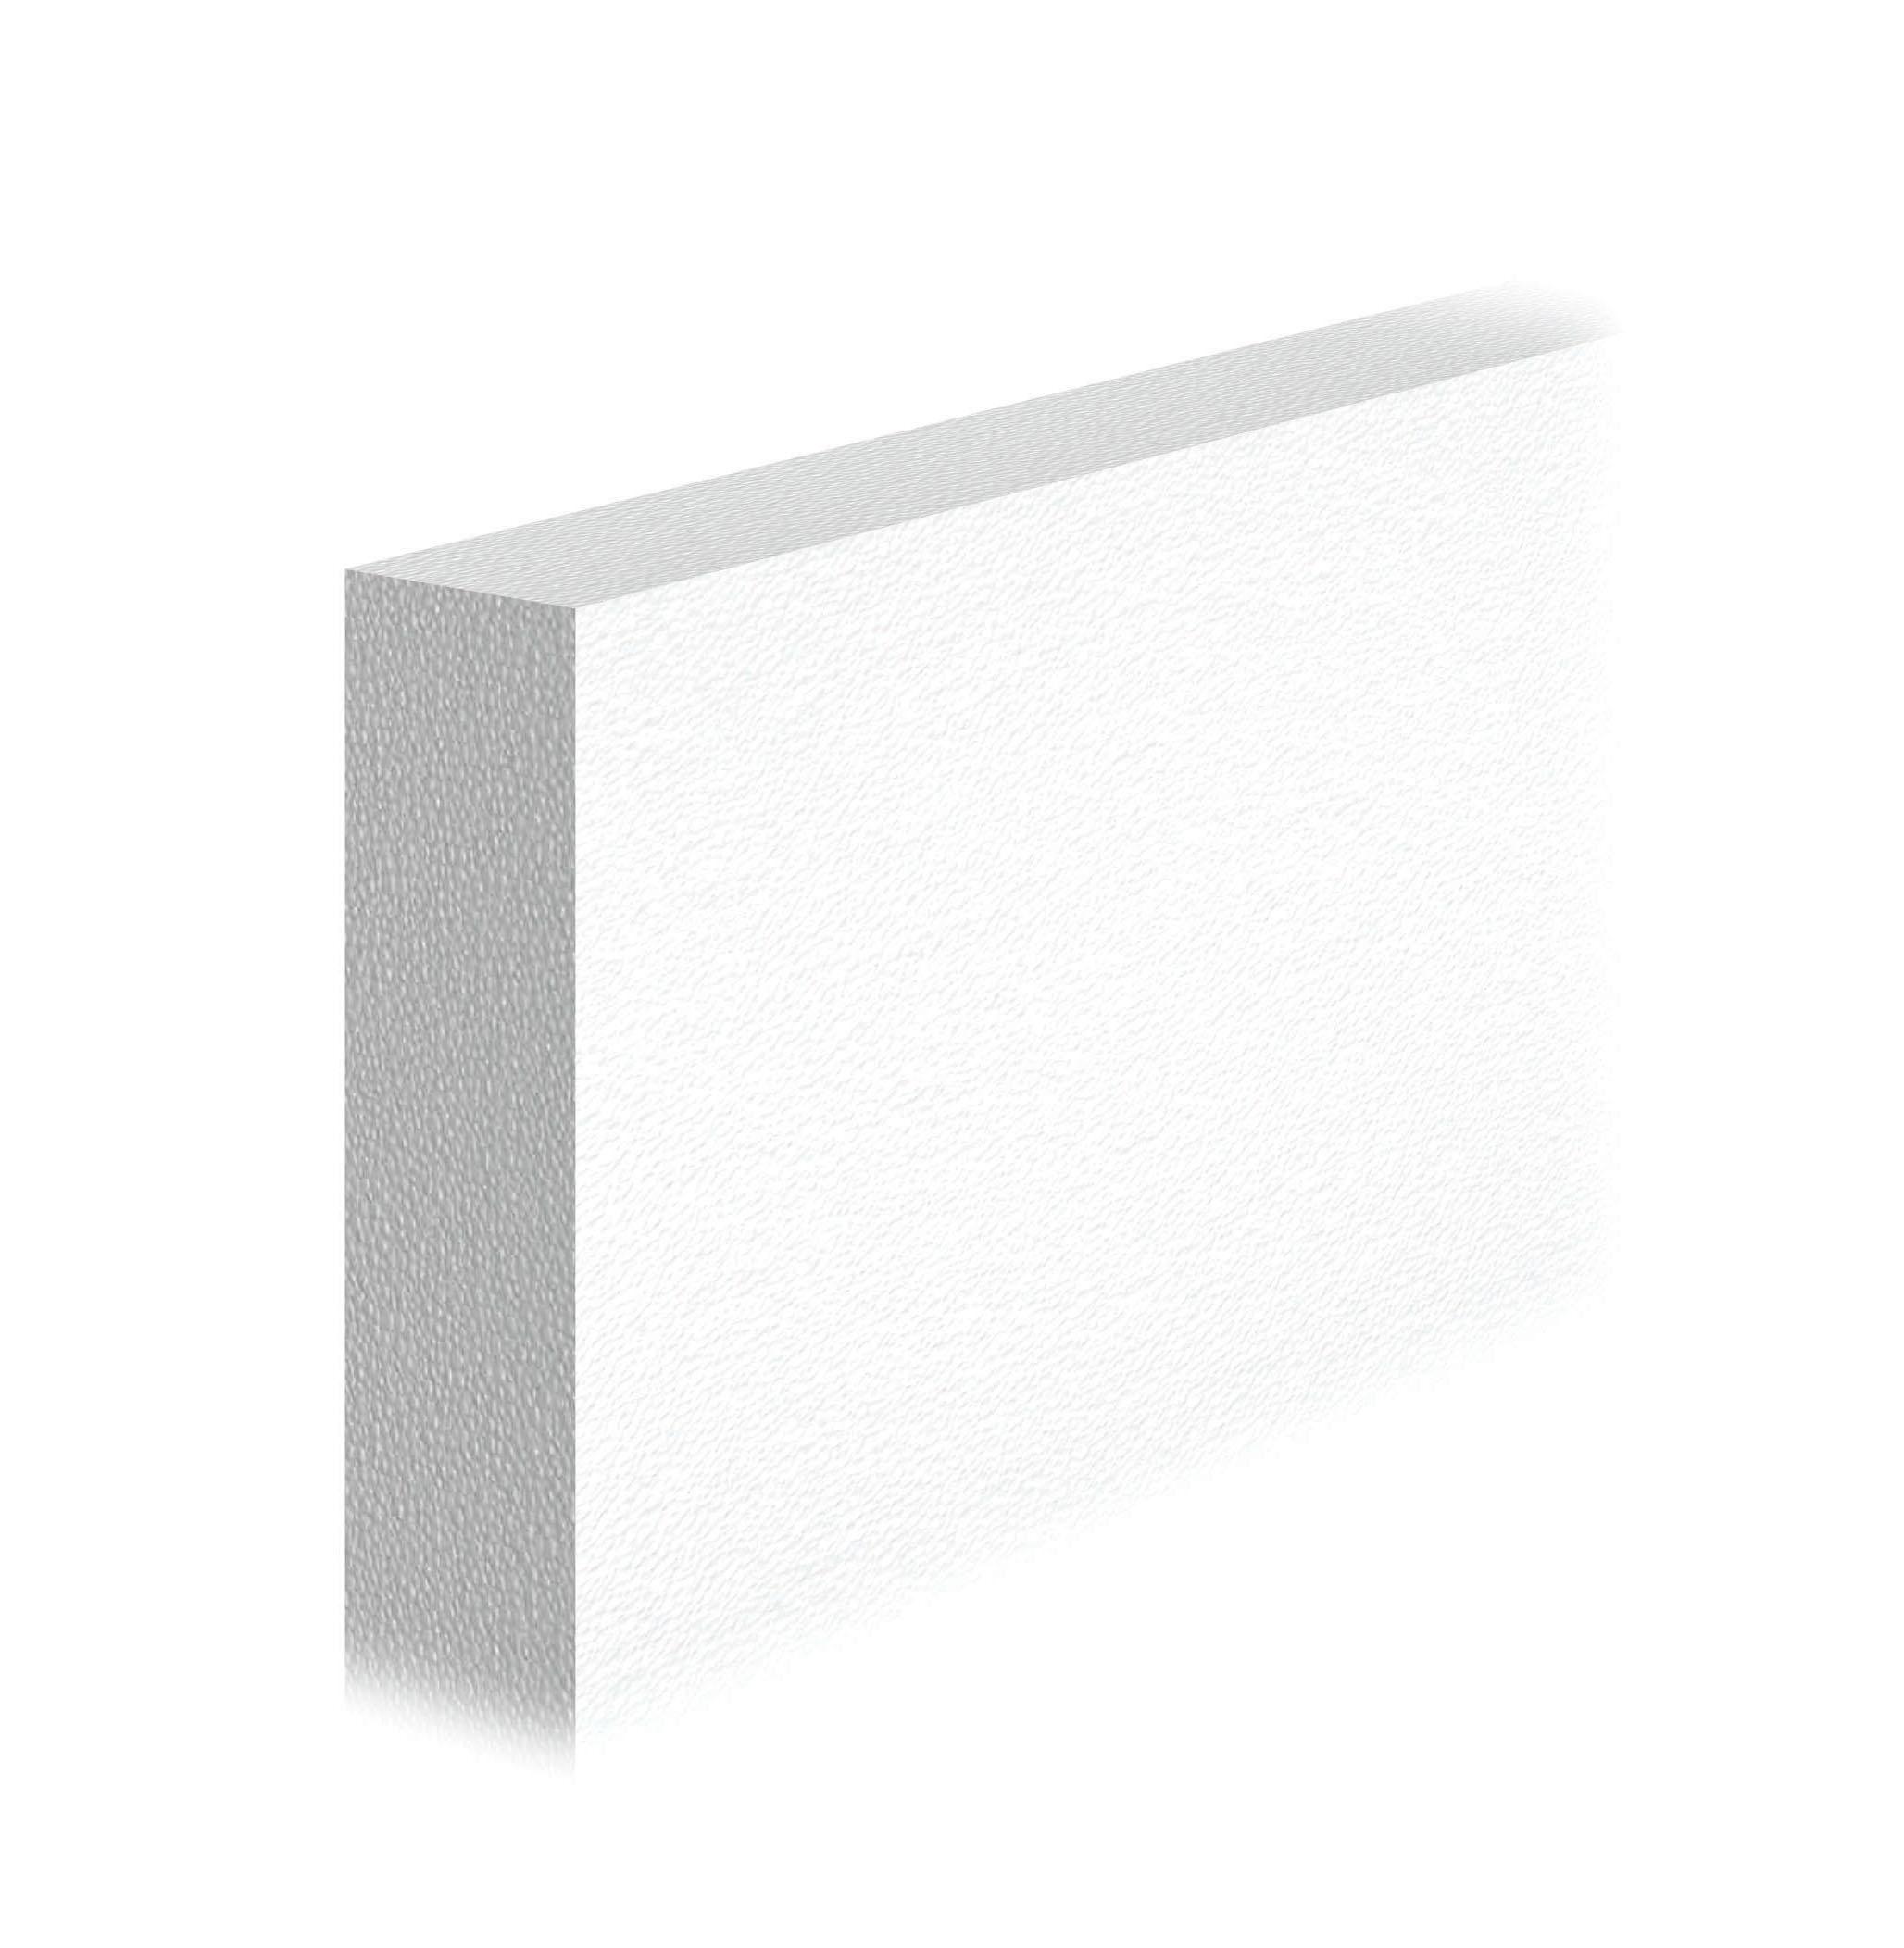 LASTRA ISOLANTE EPS 036: Placa para isolamento térmico em EPS